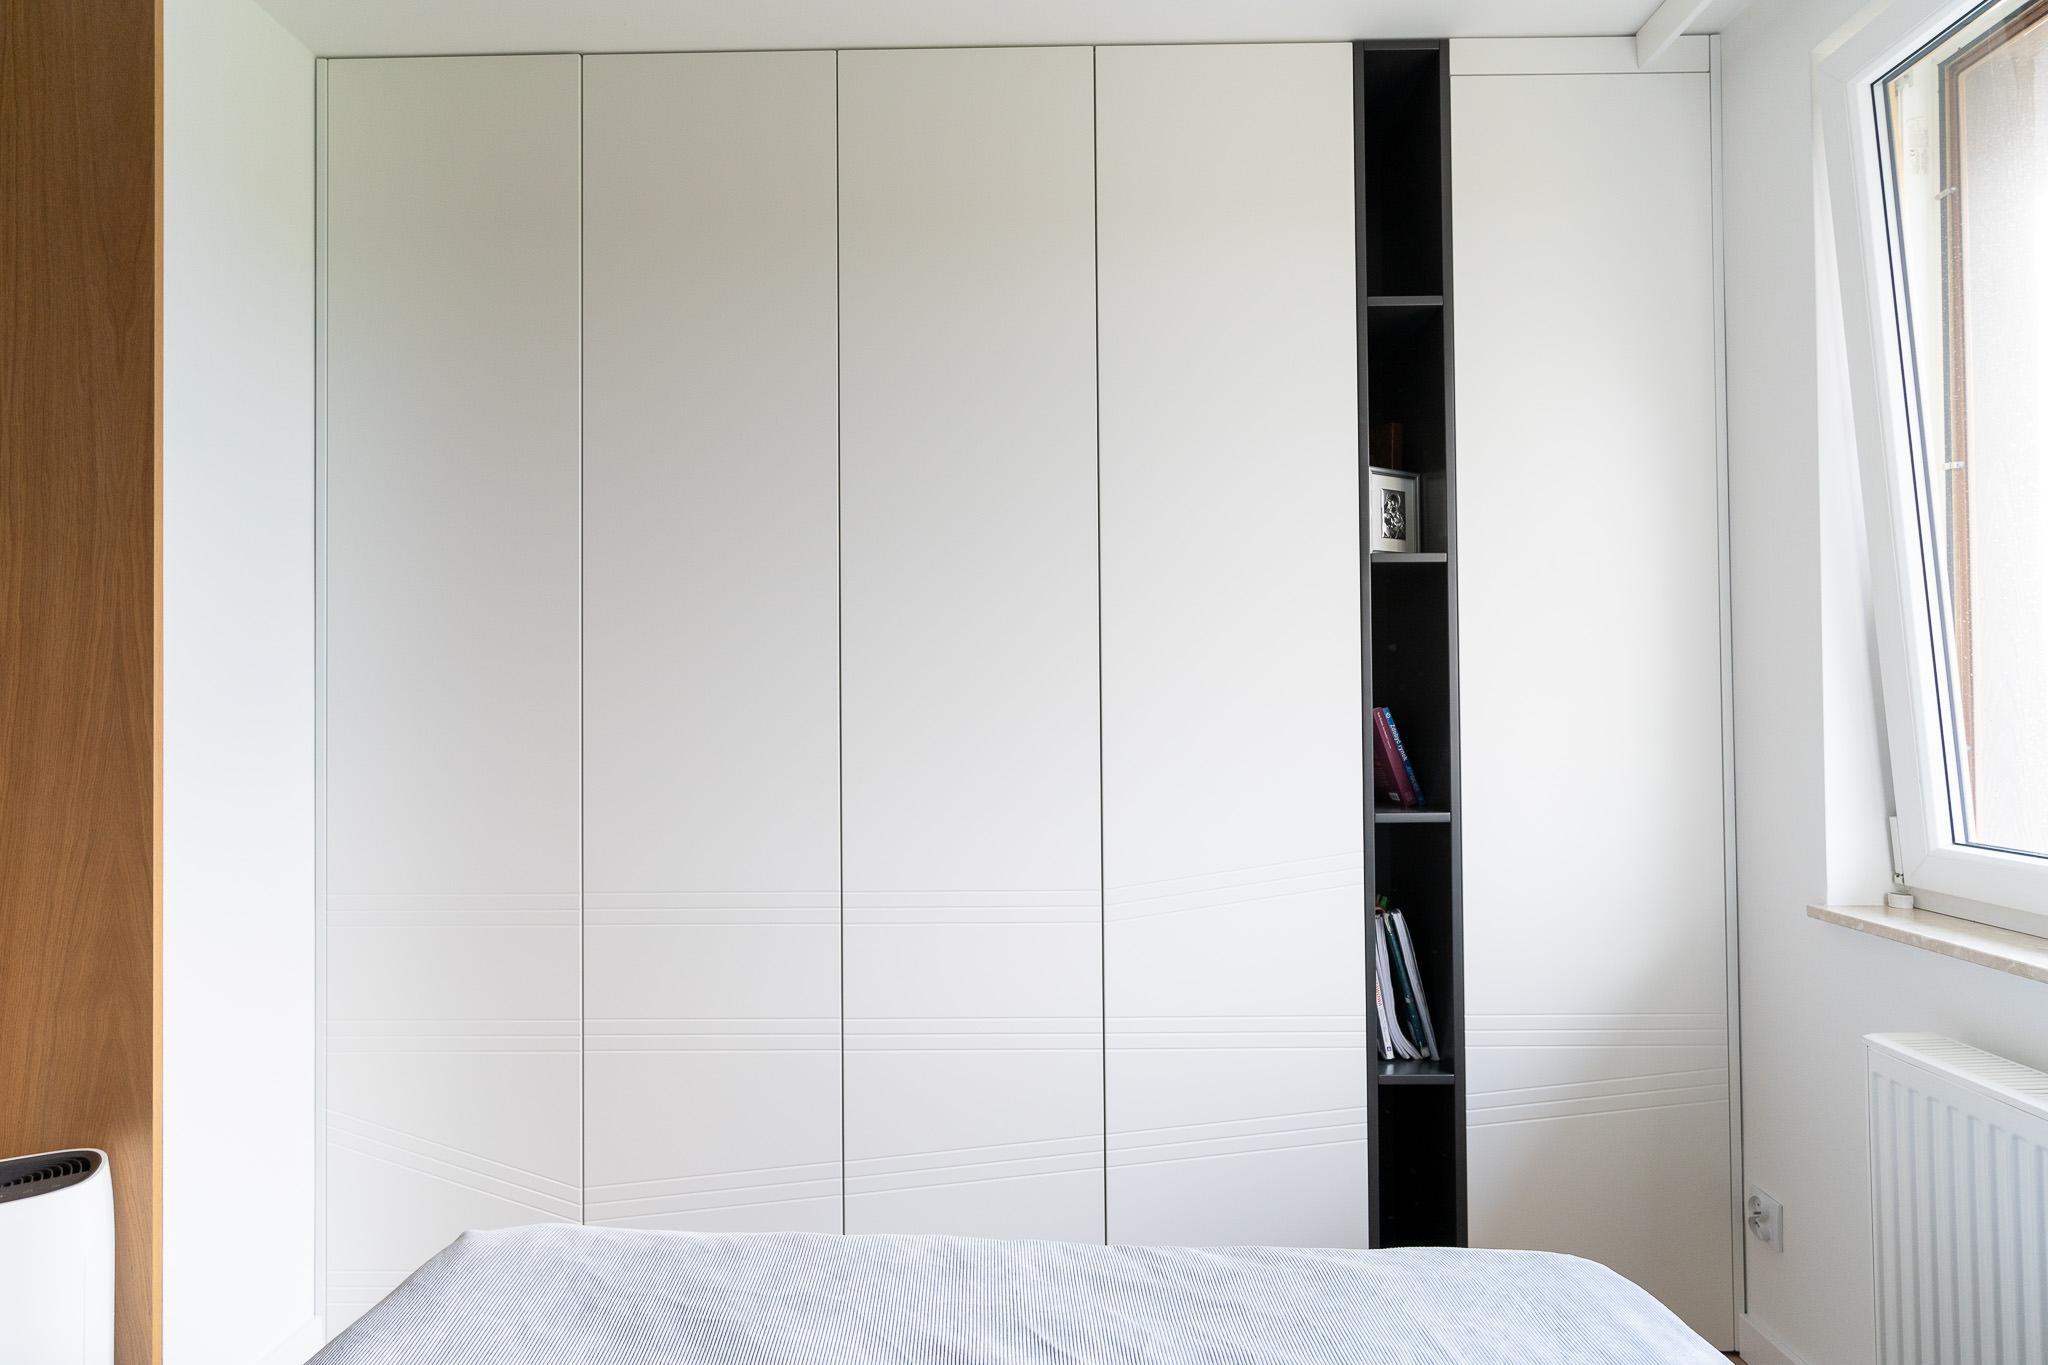 12 projketowanie wnetrz R105 mieszkanie Krakow sypialnia szafa biale fronty szafa garderobiana frezy na froncie wneka na ksiazki